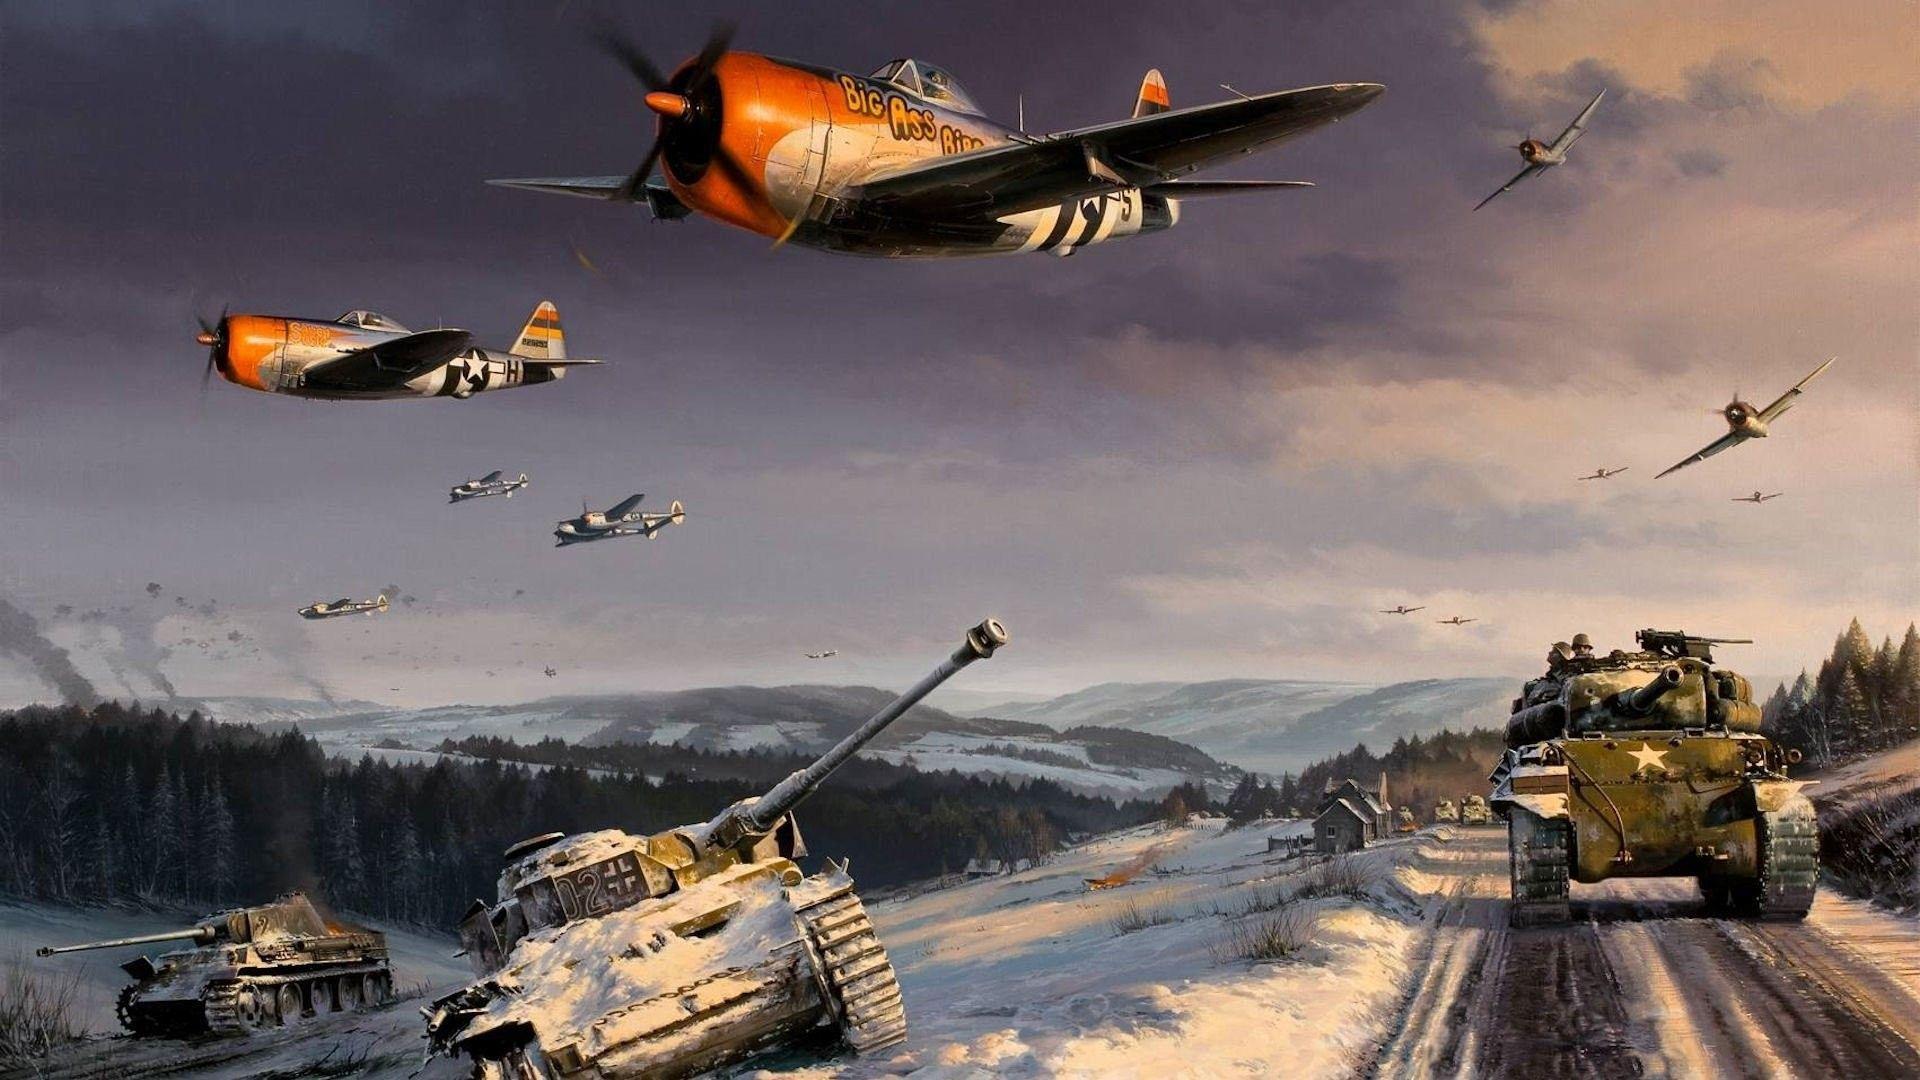 Ww2 art wallpapers top free ww2 art backgrounds wallpaperaccess - World war ii wallpaper ...